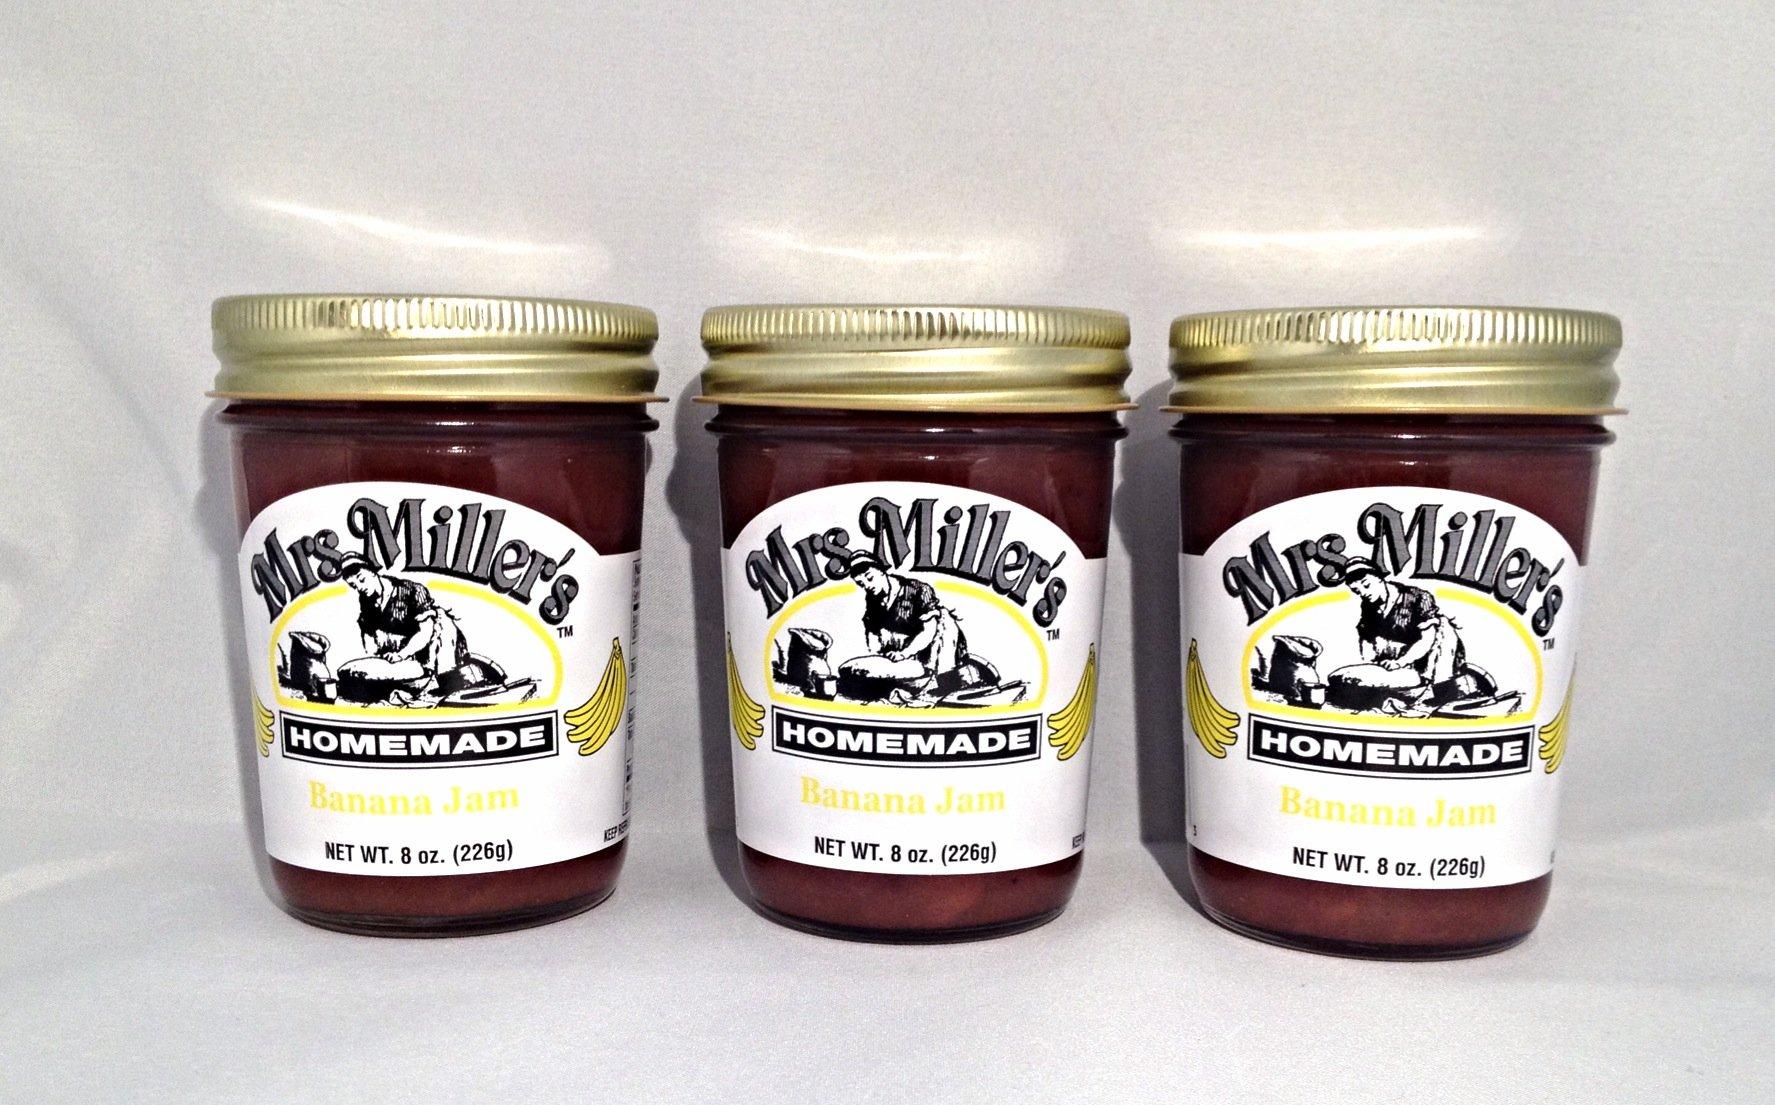 Mrs. Miller's Amish Homemade Banana Jam 8 Oz. - Pack of 3 (Boxed) by Mrs. Miller's